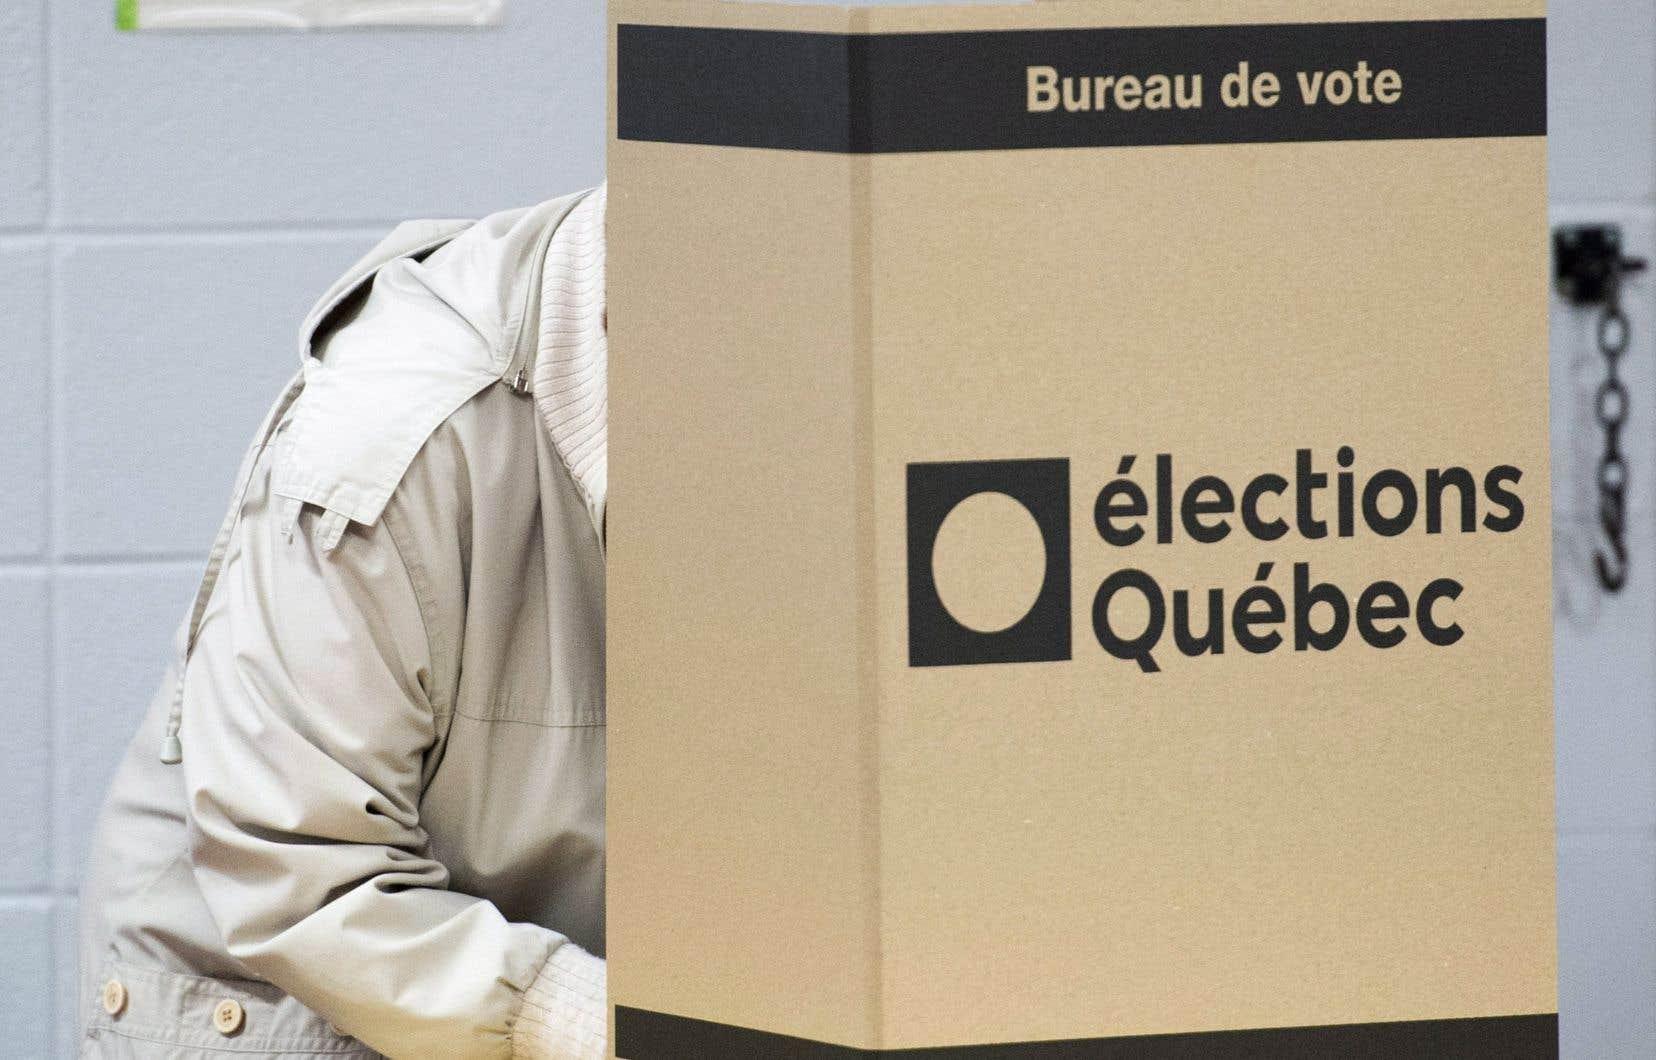 Dès les premiers résultats, Nancy Guillemette a pris les devants, accaparant plus de 50 pour cent du vote.